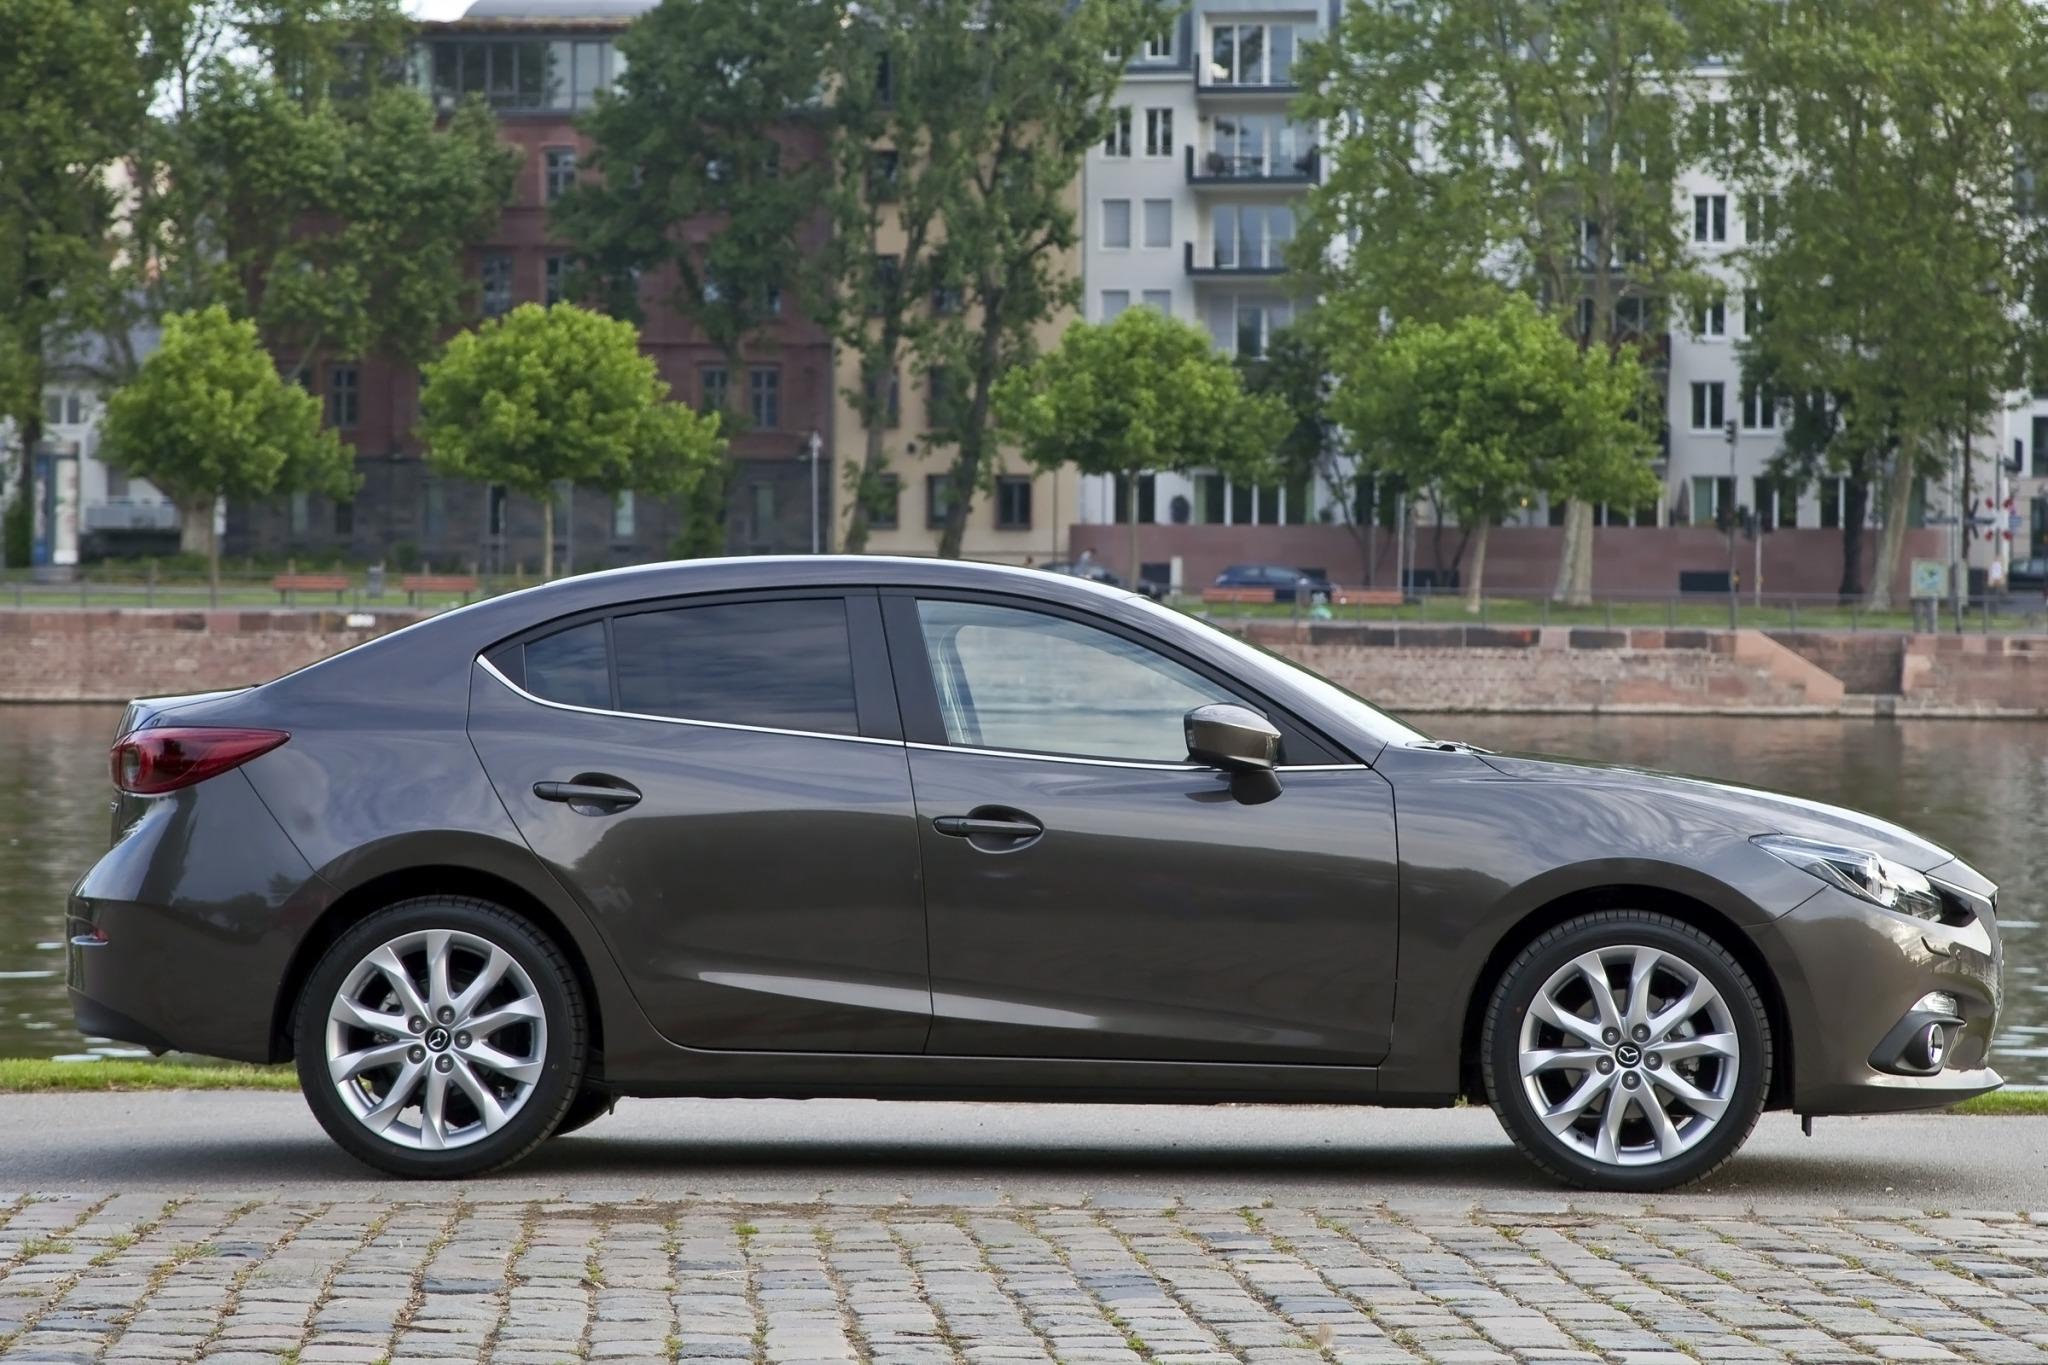 2014 Mazda Mazda3 Image 9